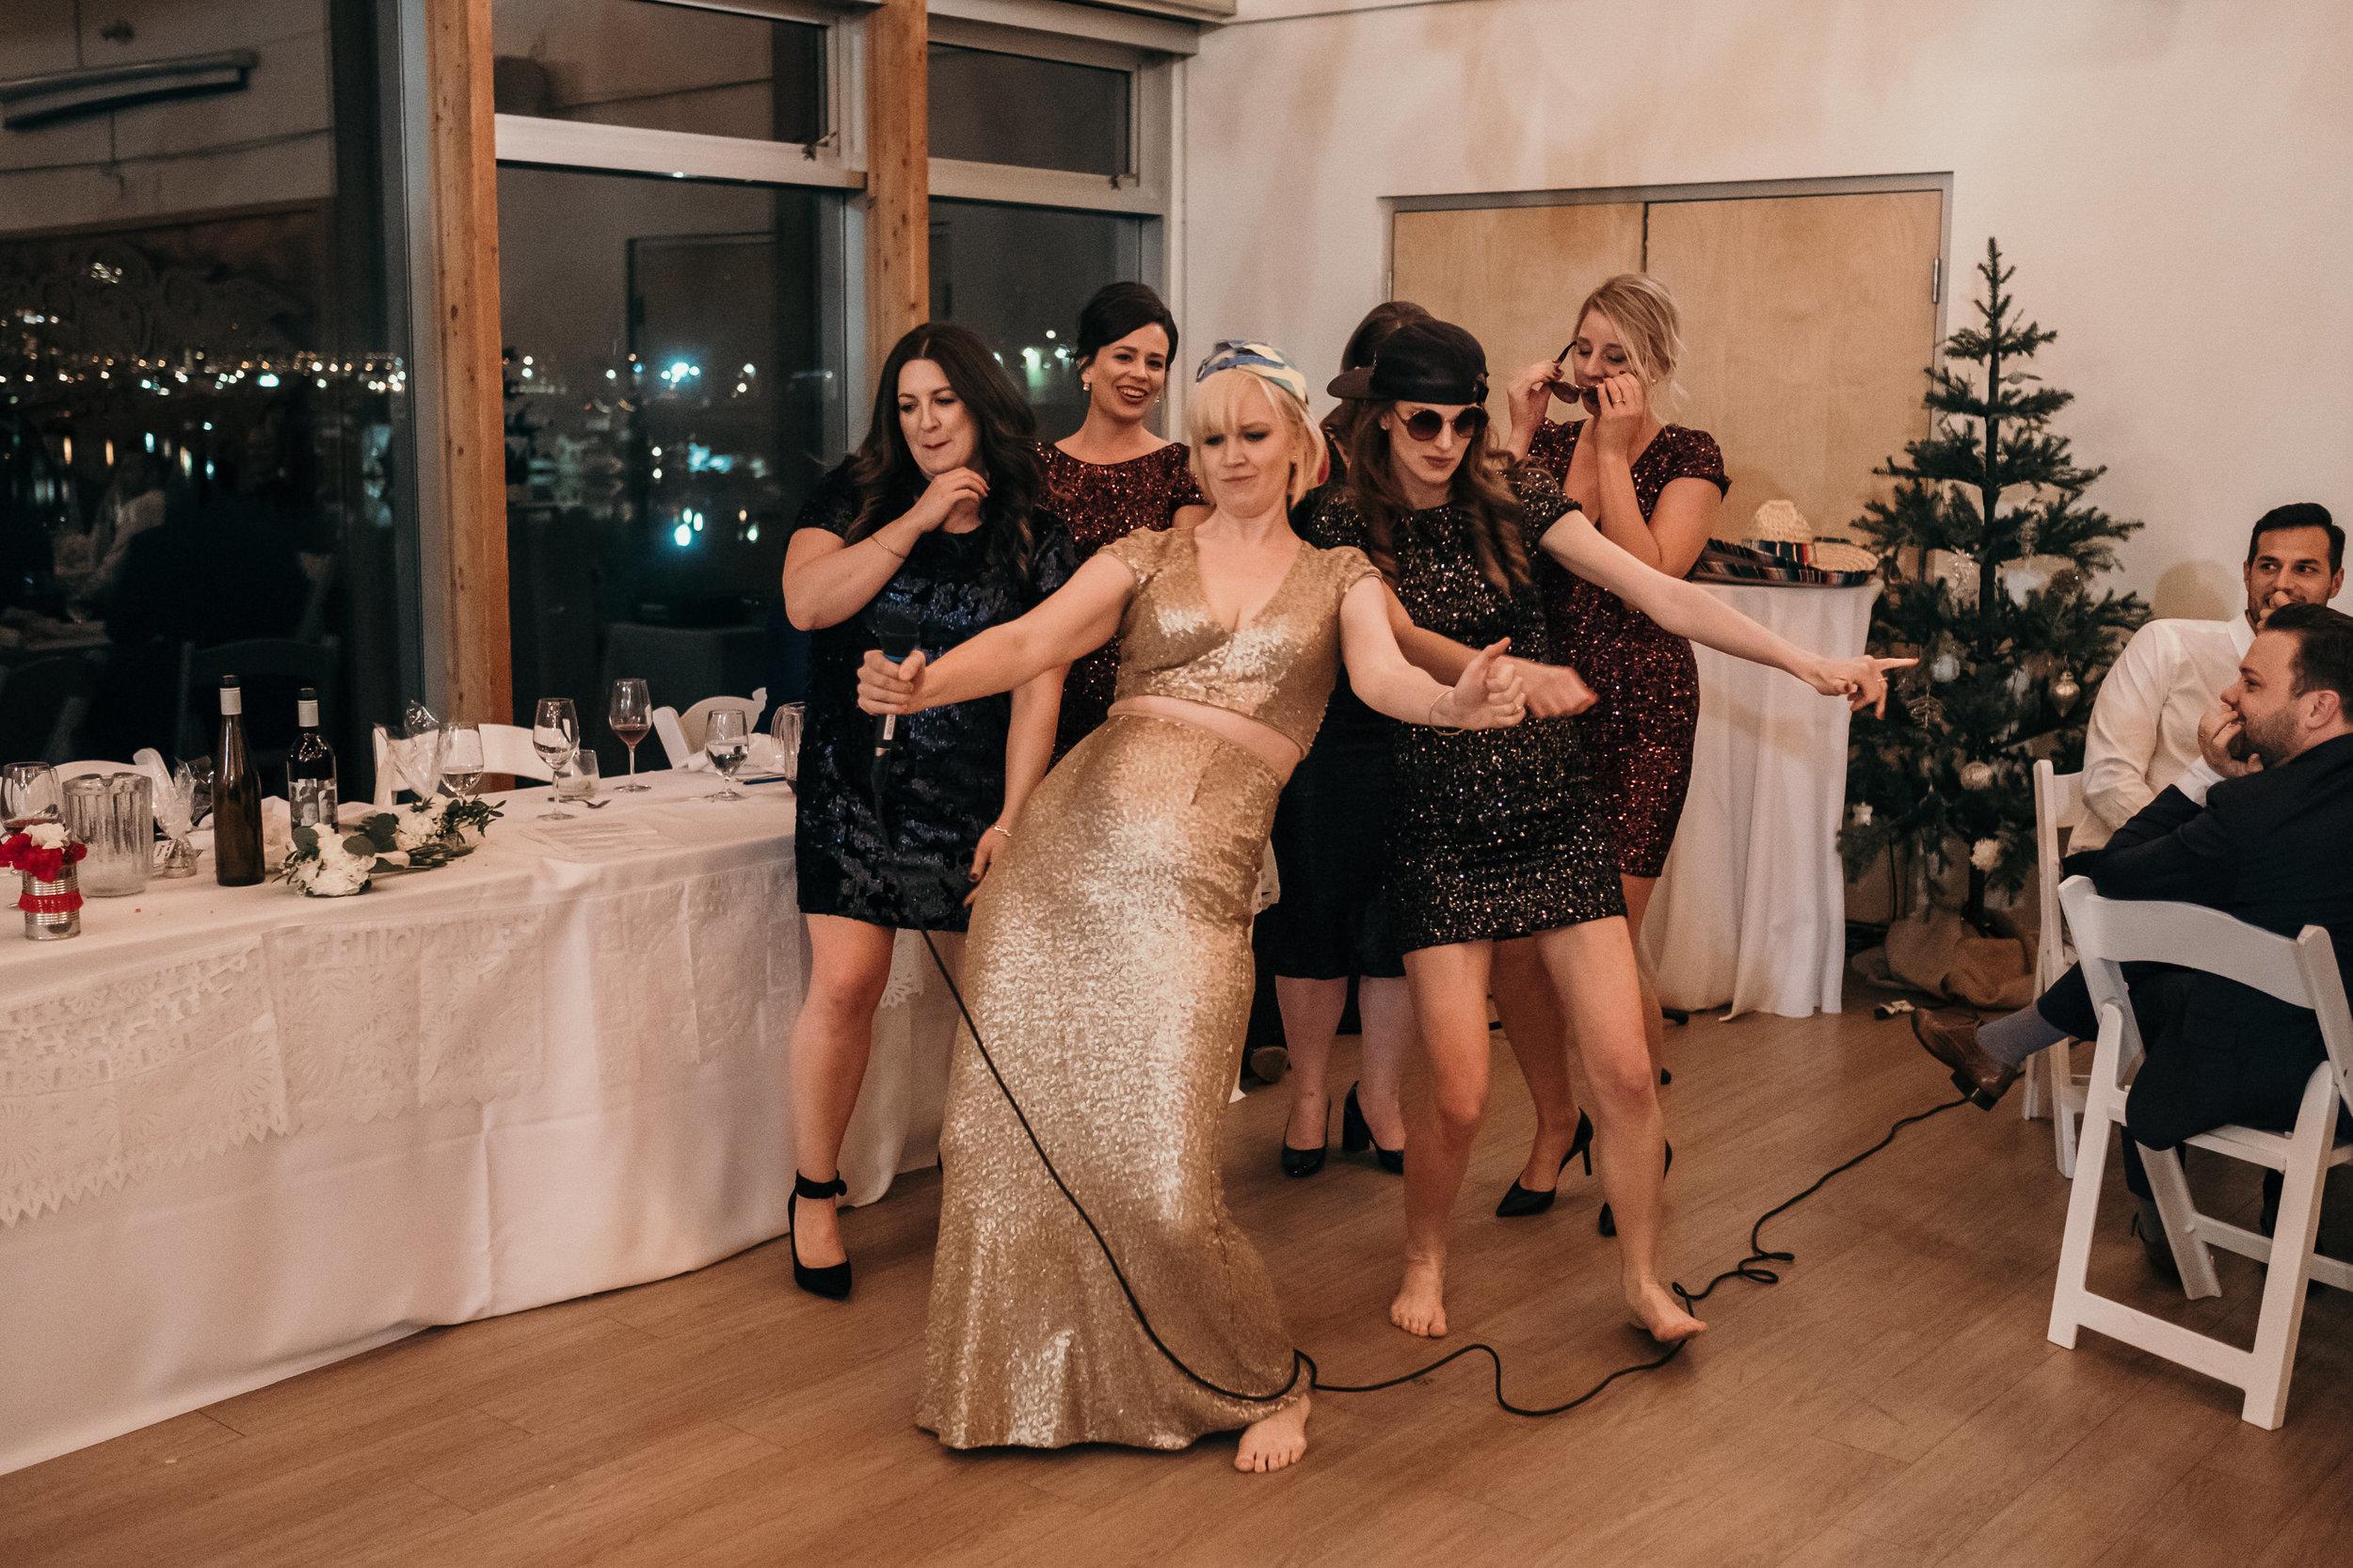 Vancouver New Years Eve Wedding - UBC Boathouse Wedding - Kitsilano Wedding Photos - Vancouver Wedding Photographer - Vancouver Wedding Videographer - 941.JPG